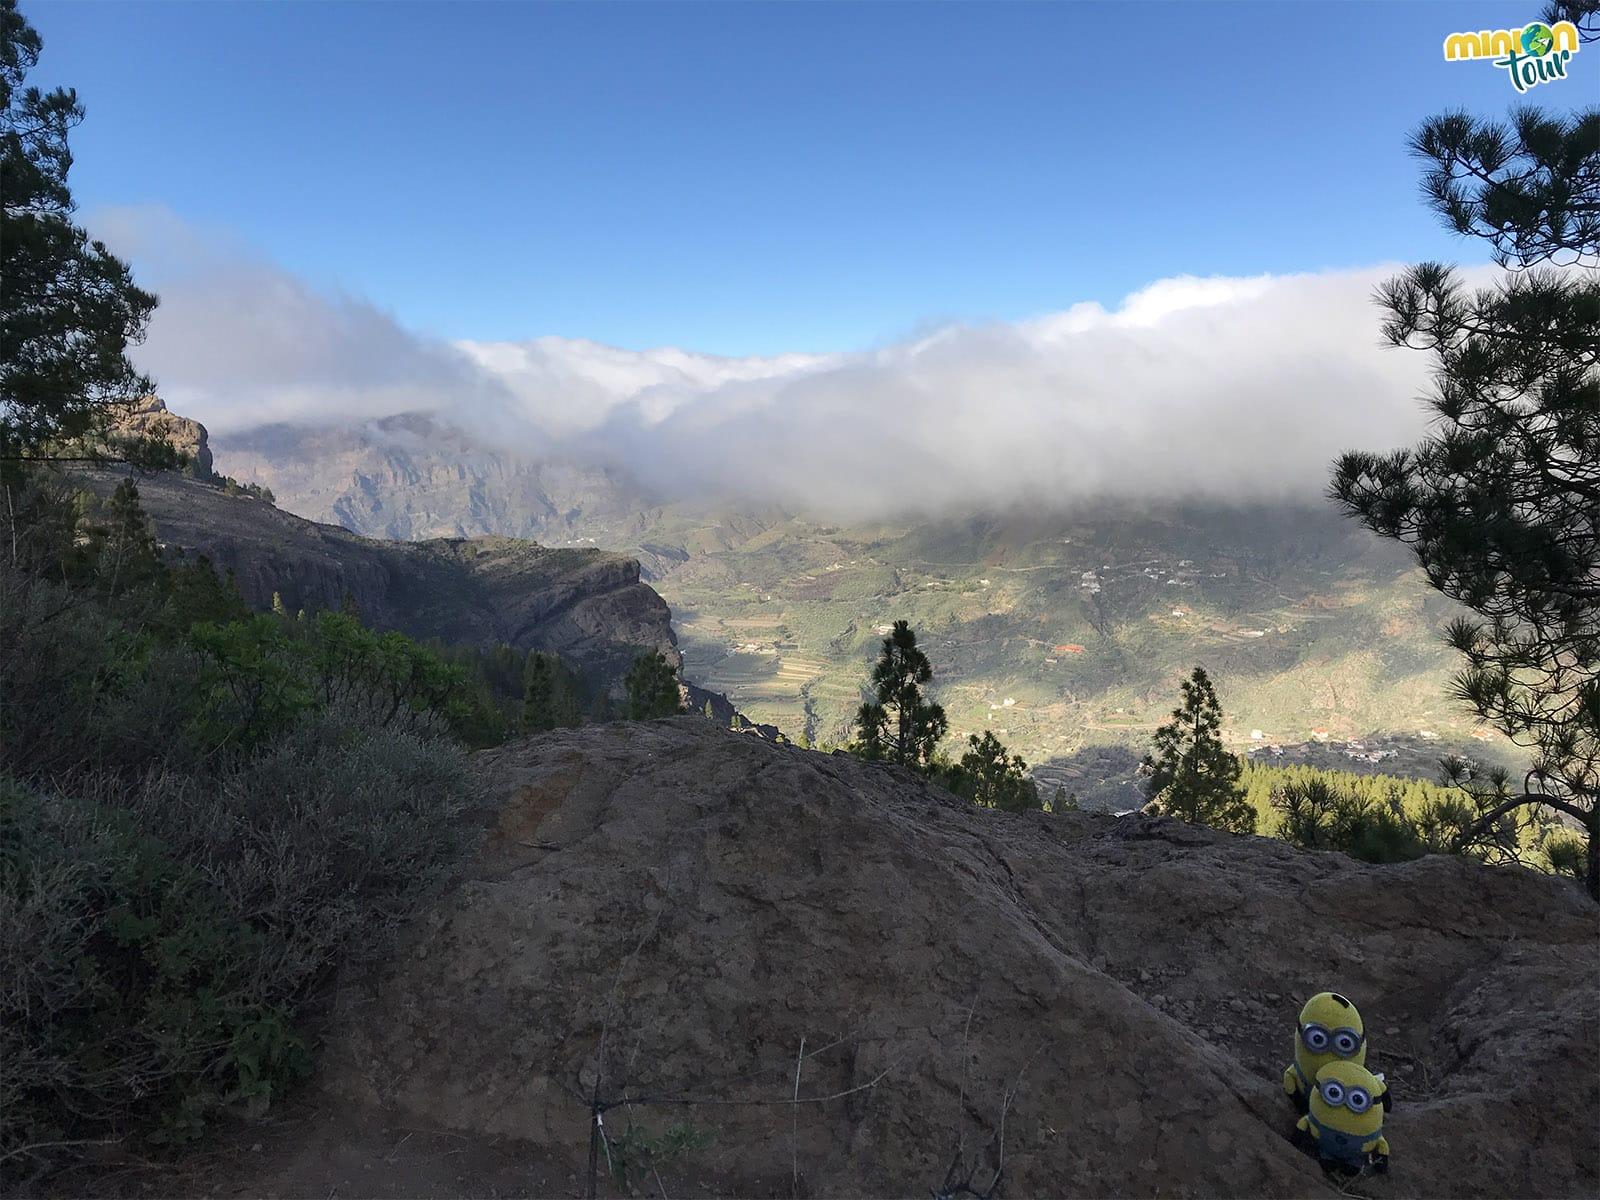 La niebla se mueve muy rápido aquí arriba